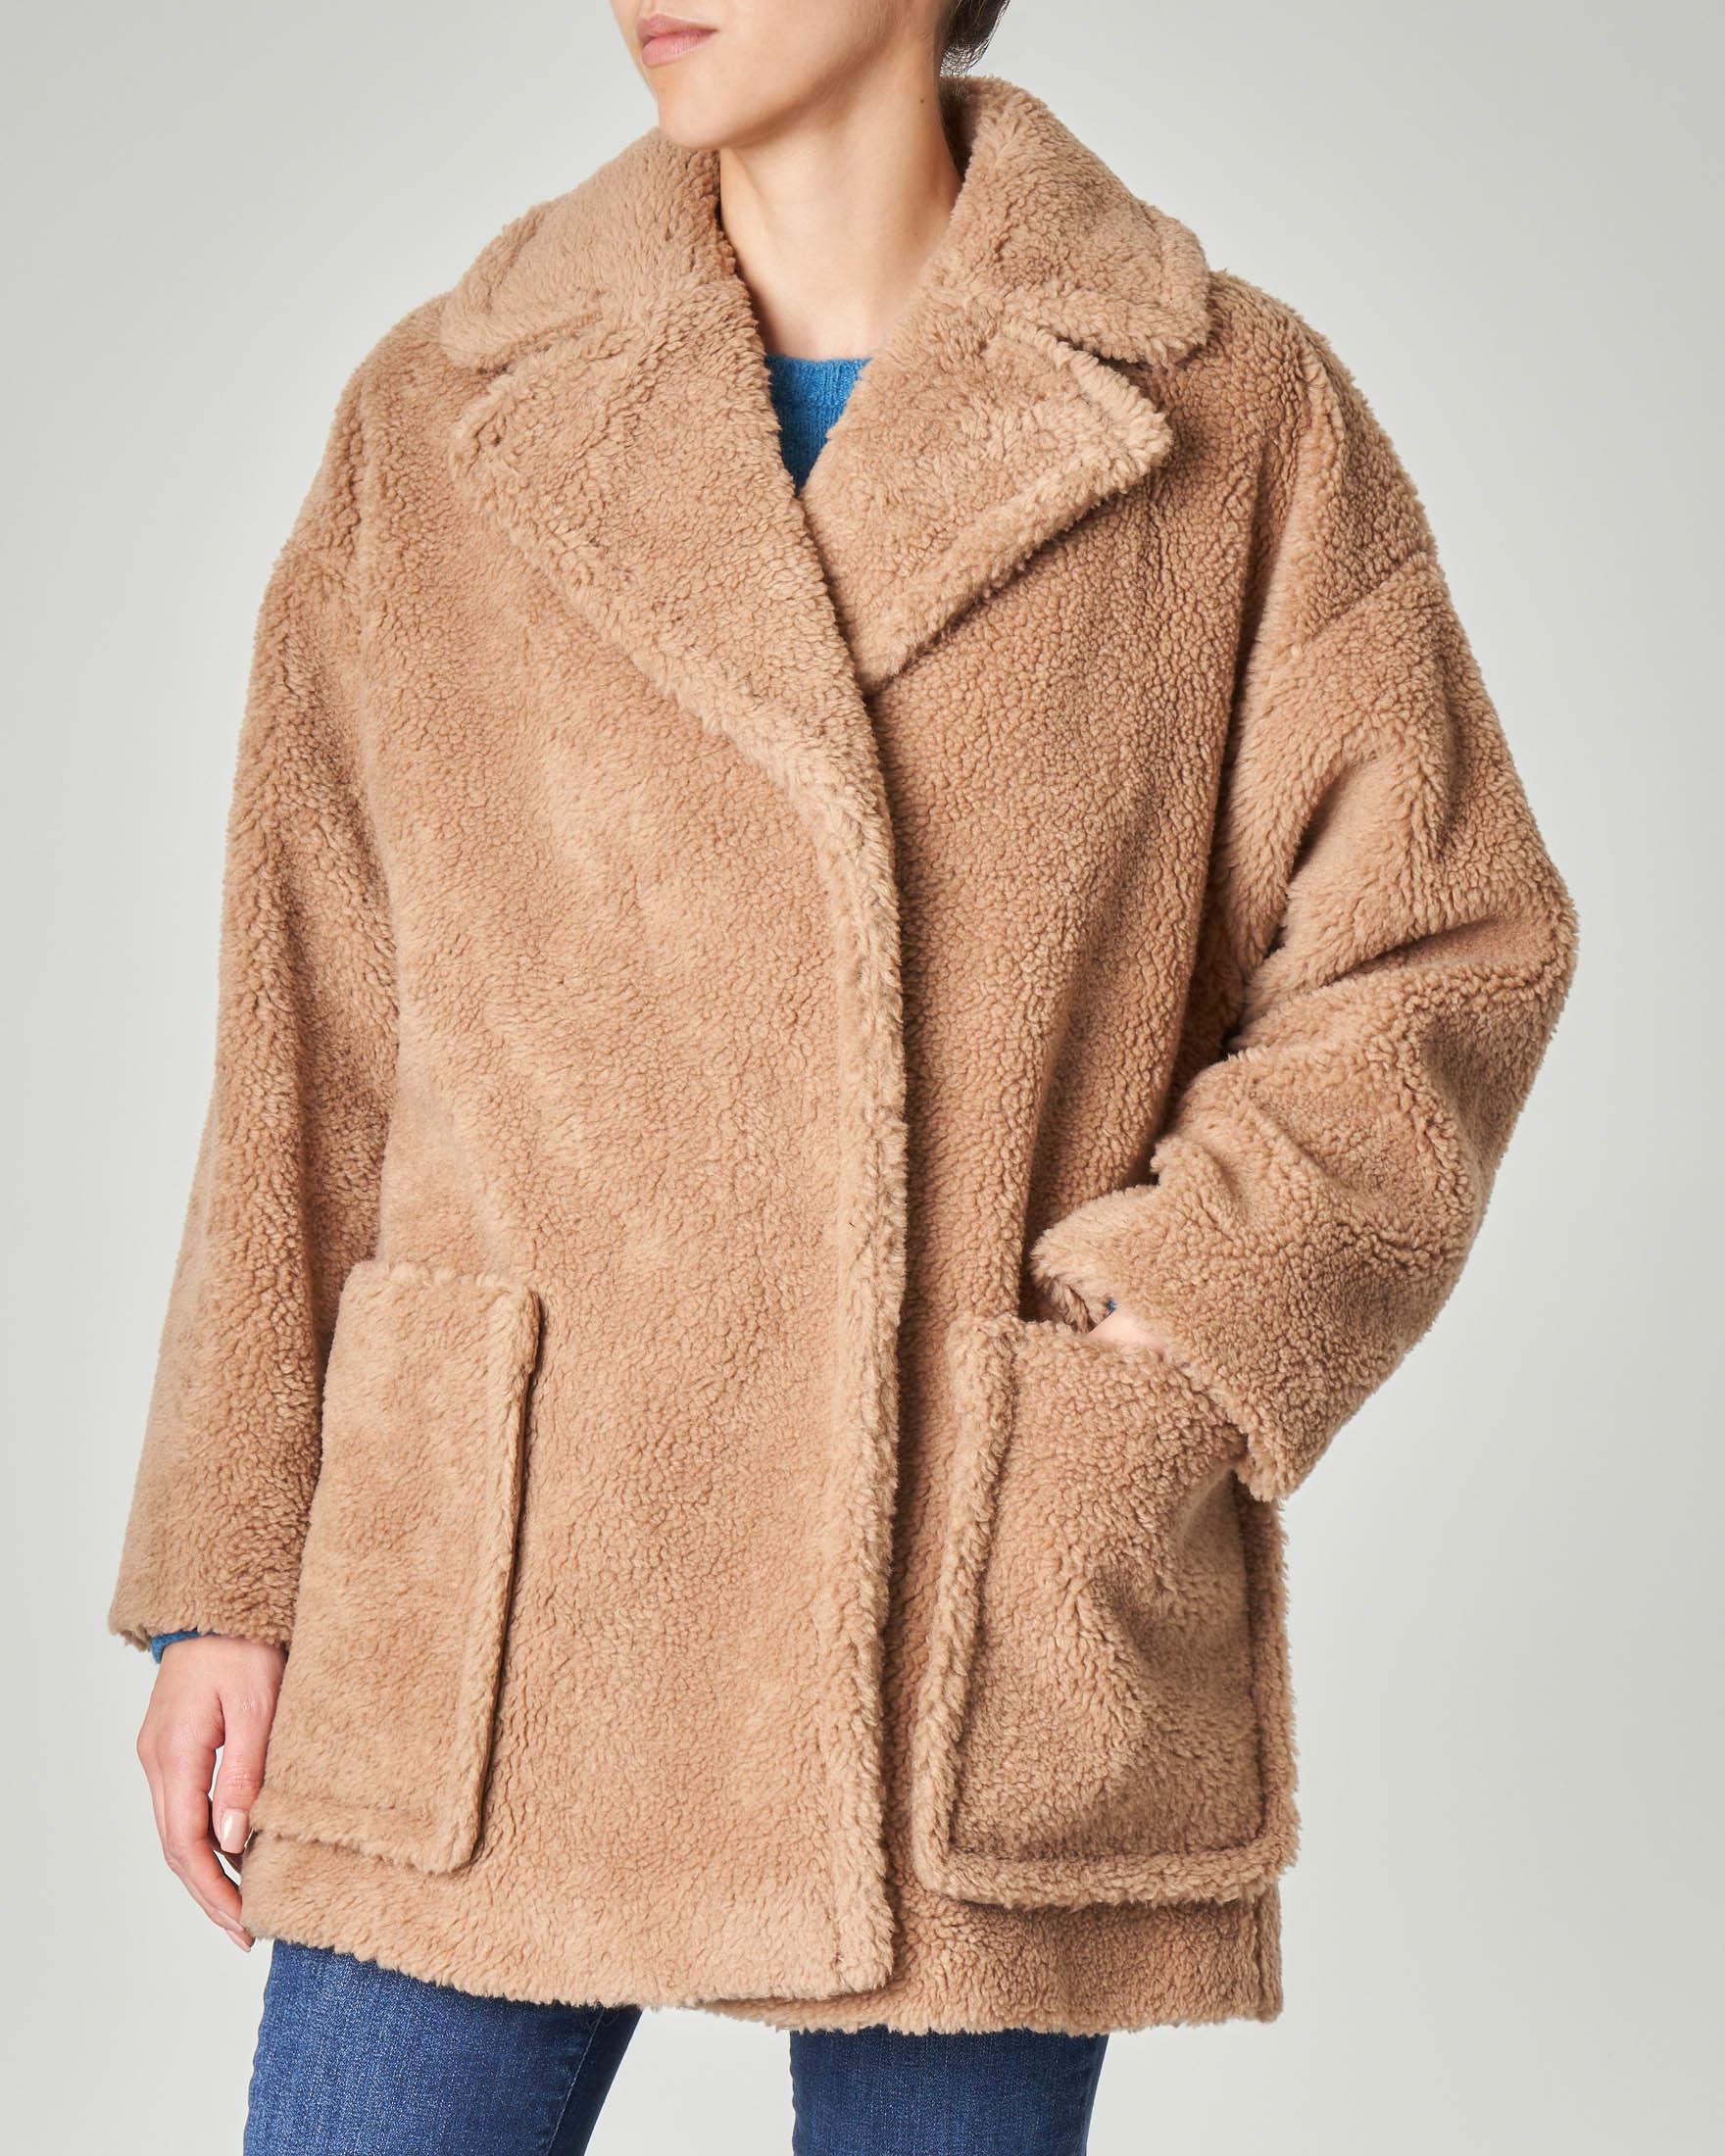 Cappotto Teddy in misto lana cammello